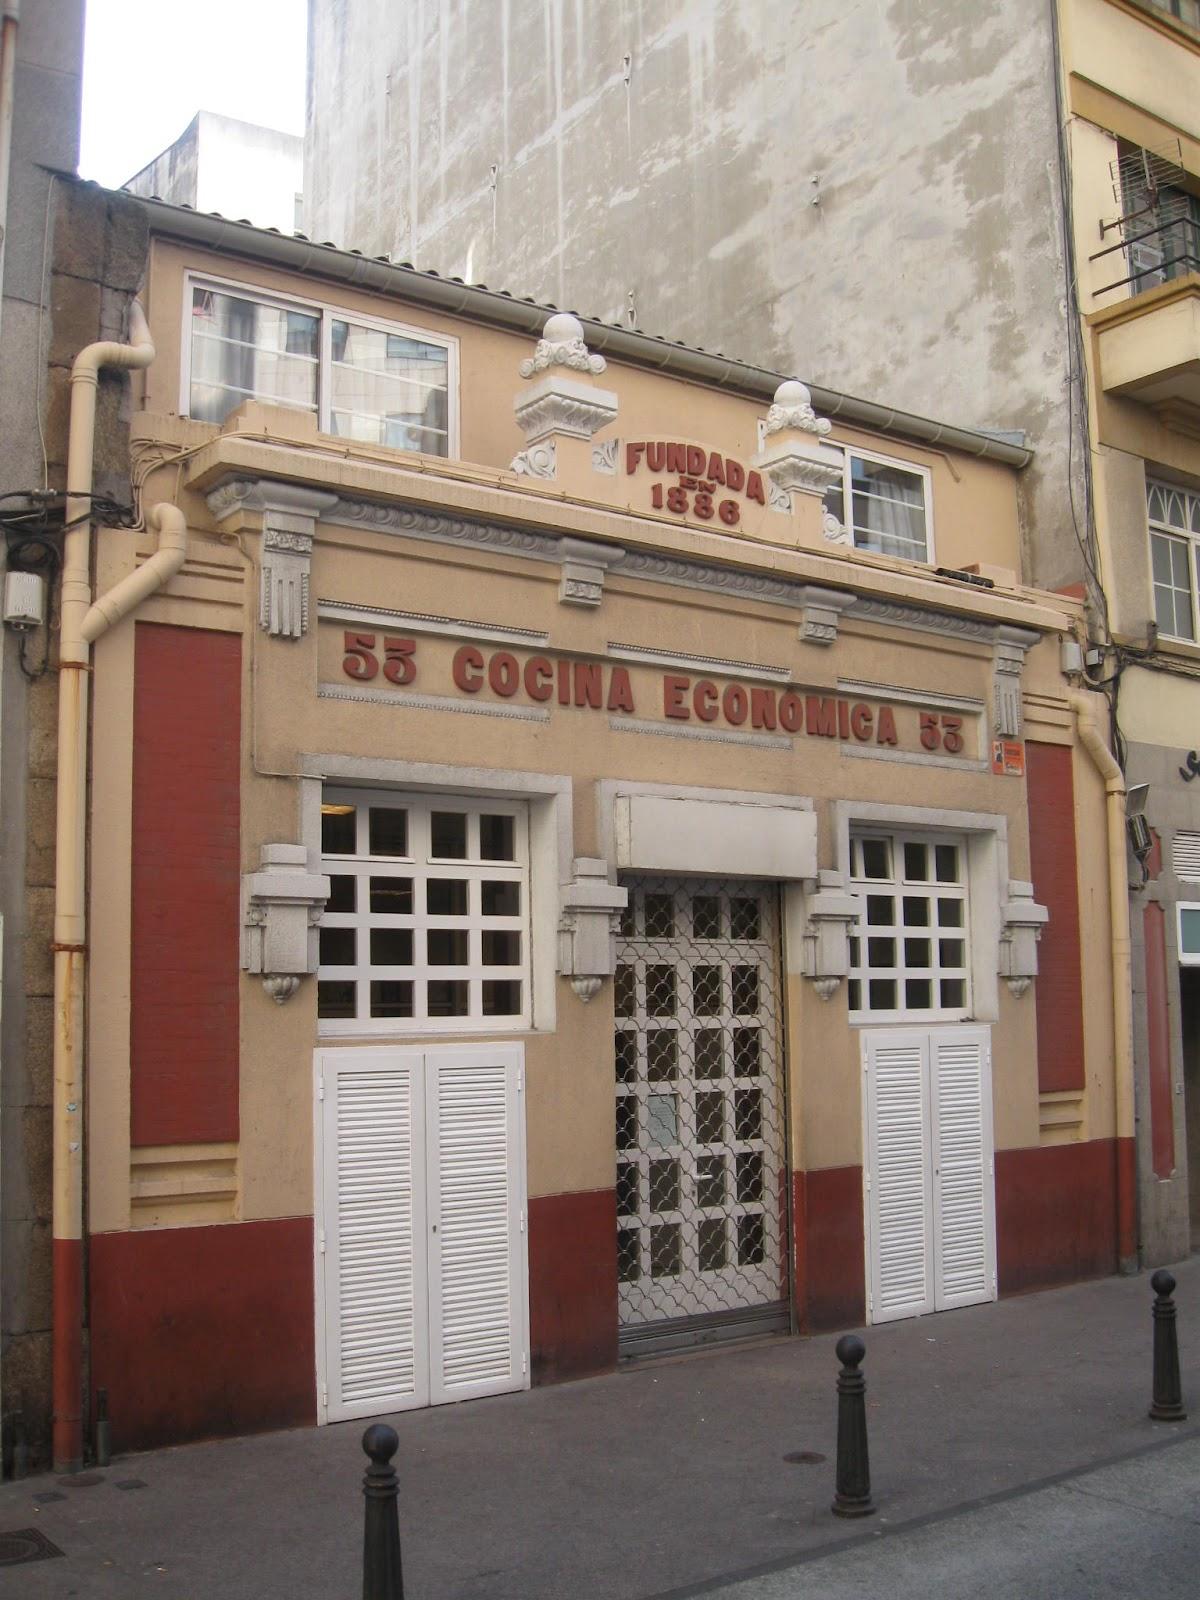 O blog do castro baxoi excursi n coru a - Cocina economica coruna ...